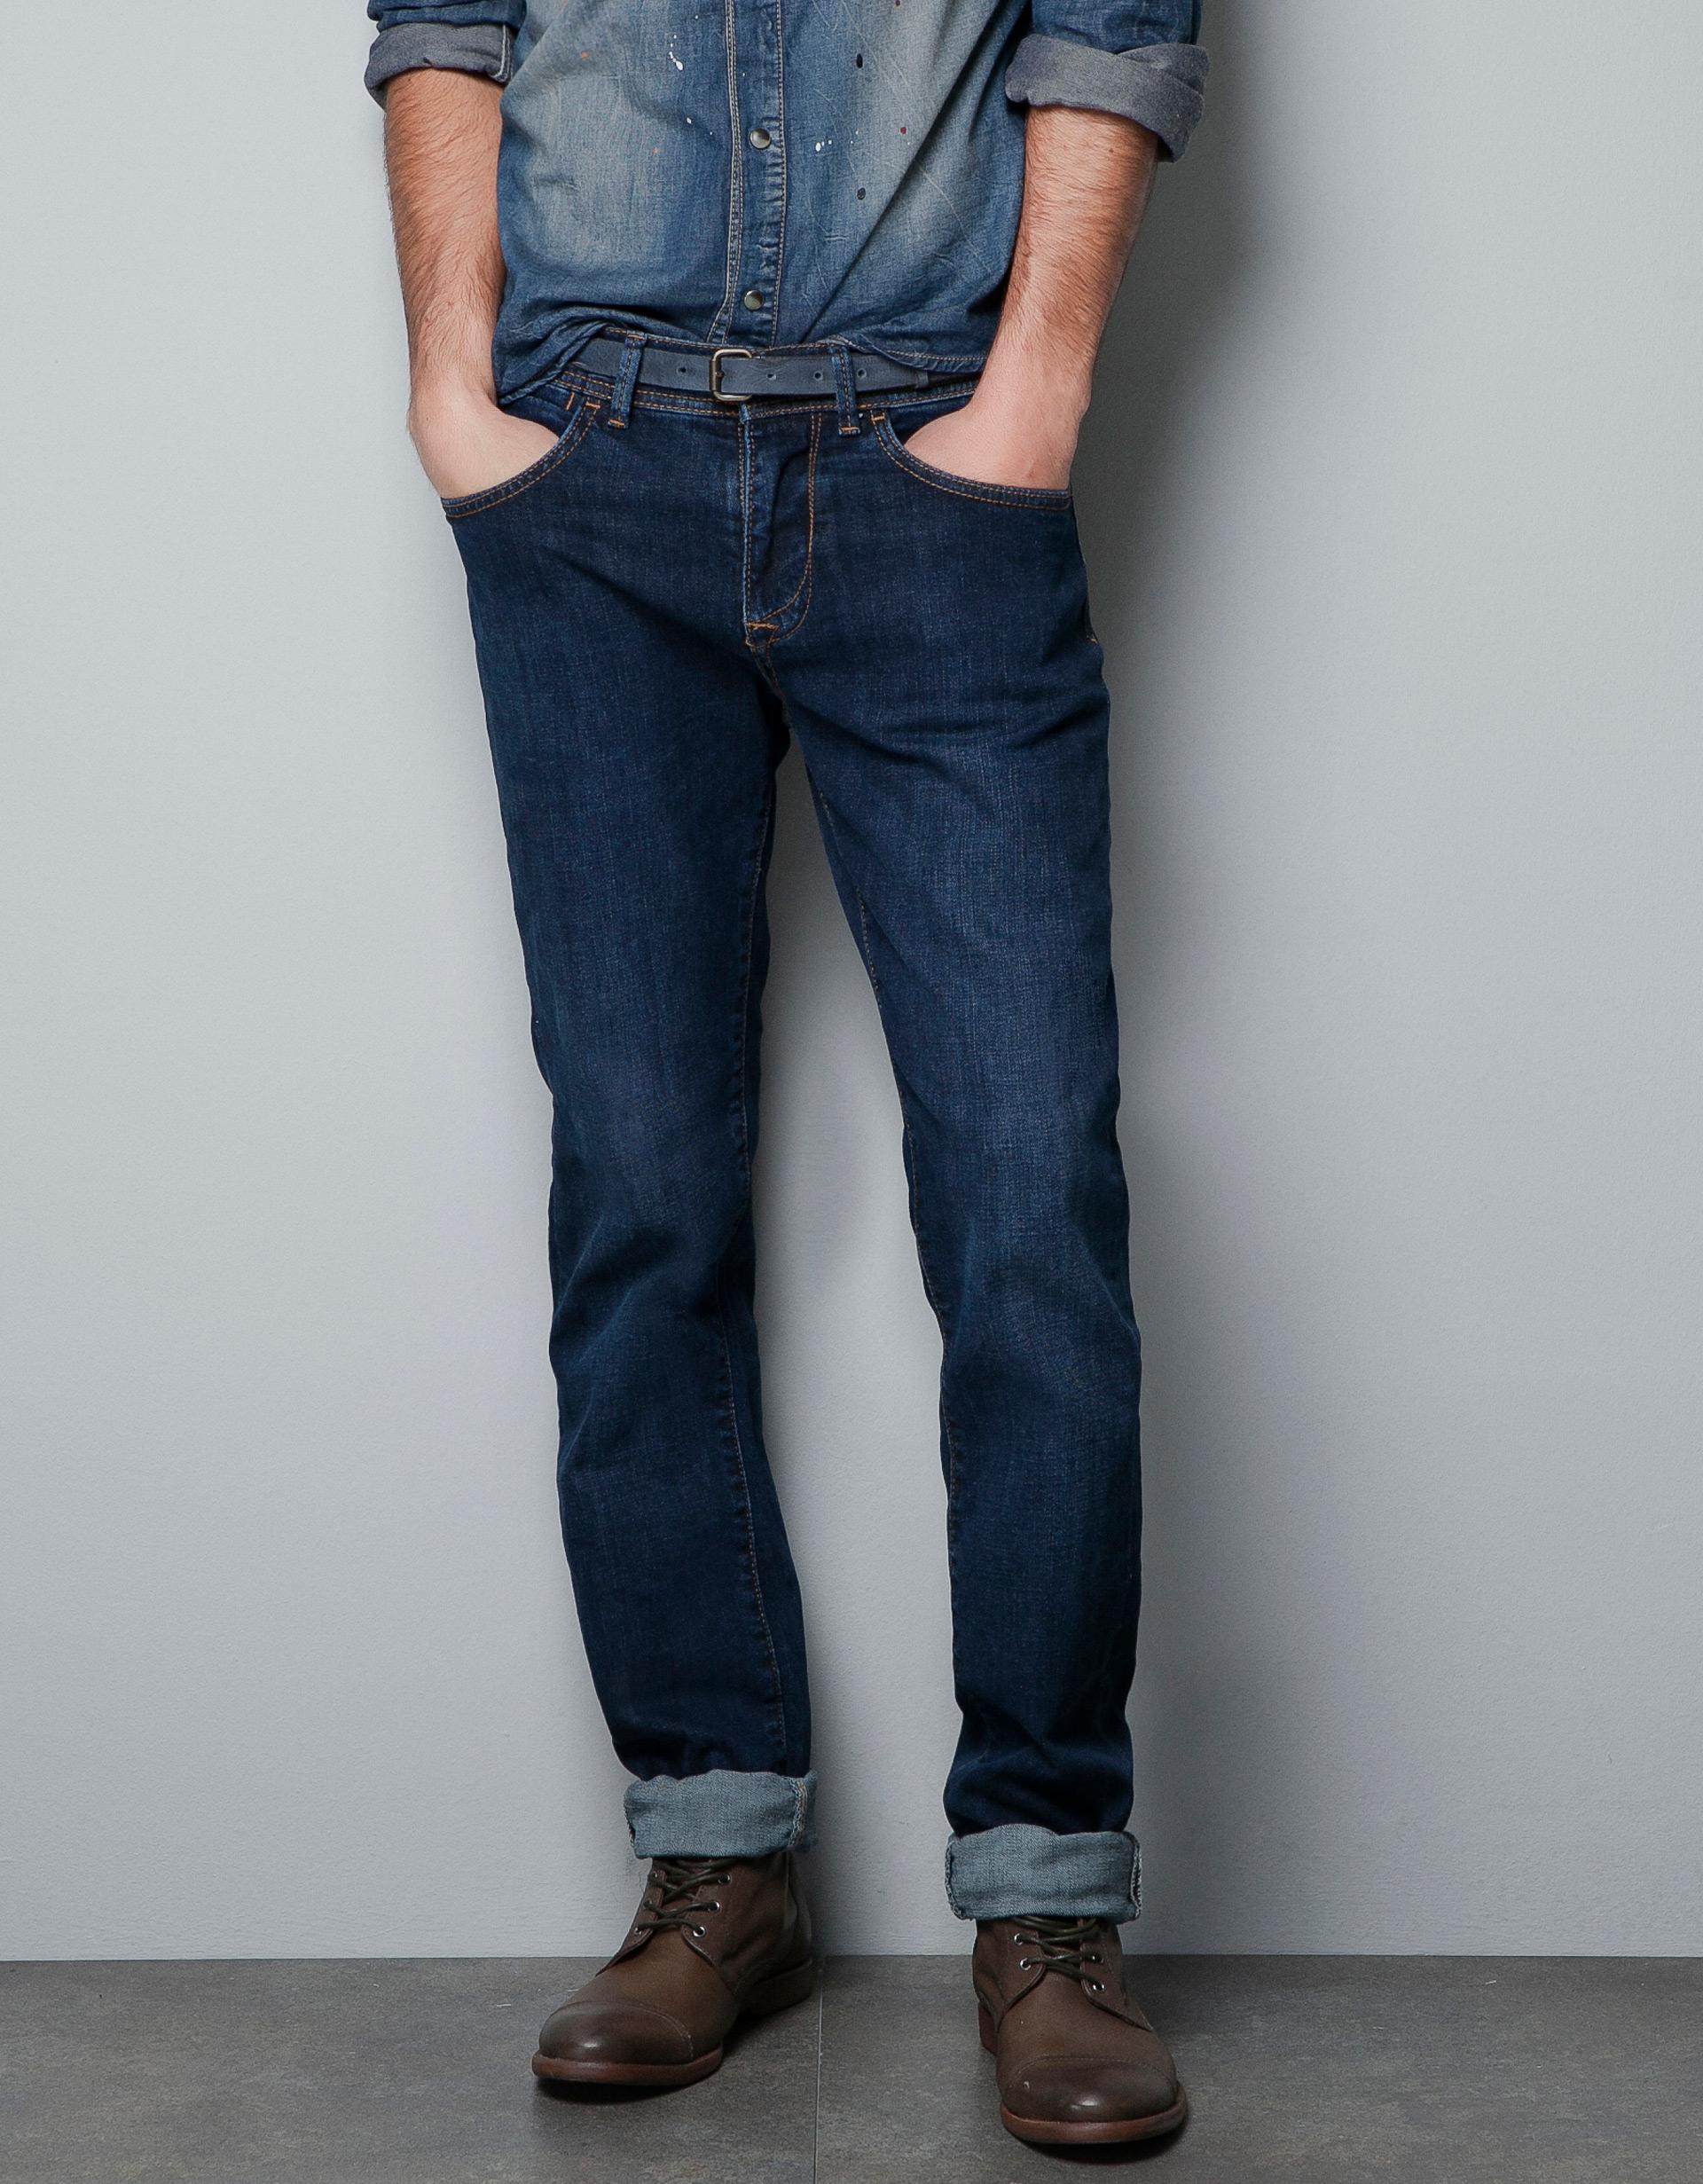 Meski Malas Ribet Cowok Wajib Punya 14 Item Pakaian Ini Celana Formal Chino Wool Black Jeans Untuk Penampilan Yang Kasual